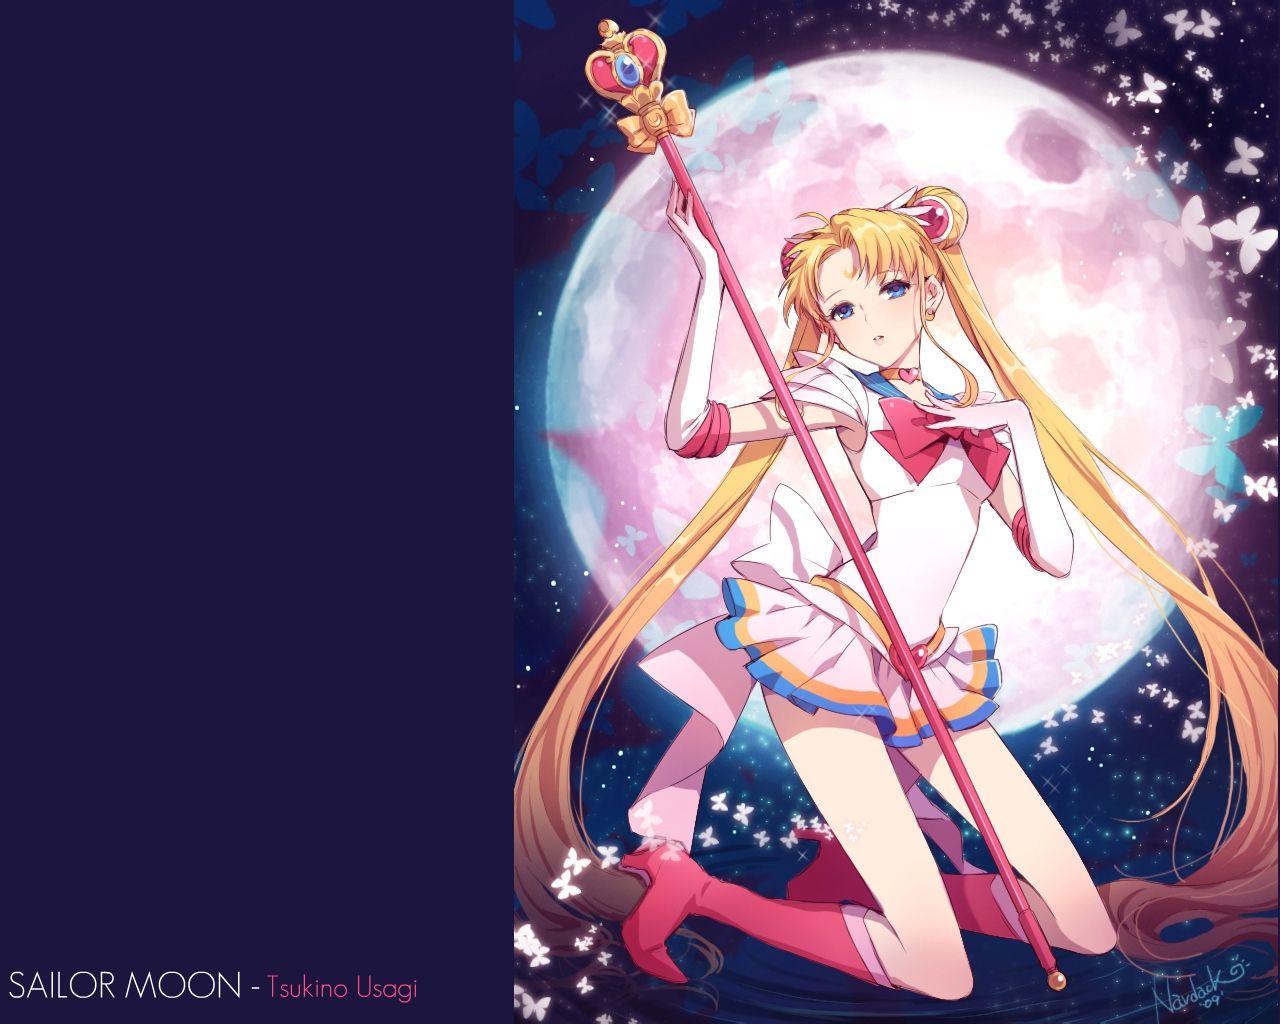 背景是个月亮打个日本动漫